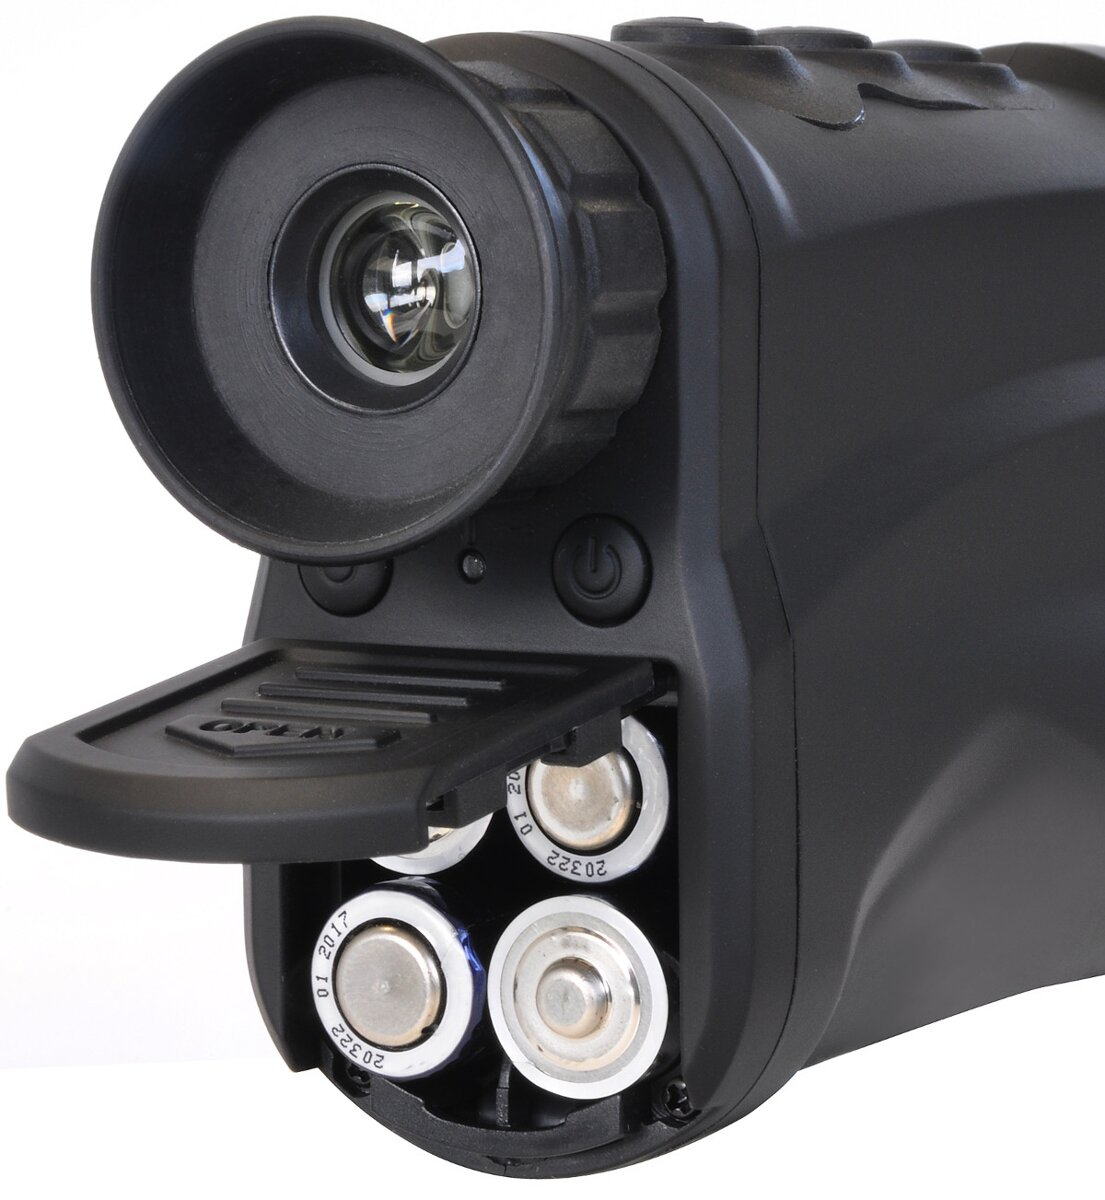 ... Nočné videnie Bresser Digital NV 5x50 s priestorom pre batérie ... f4b51fb0137